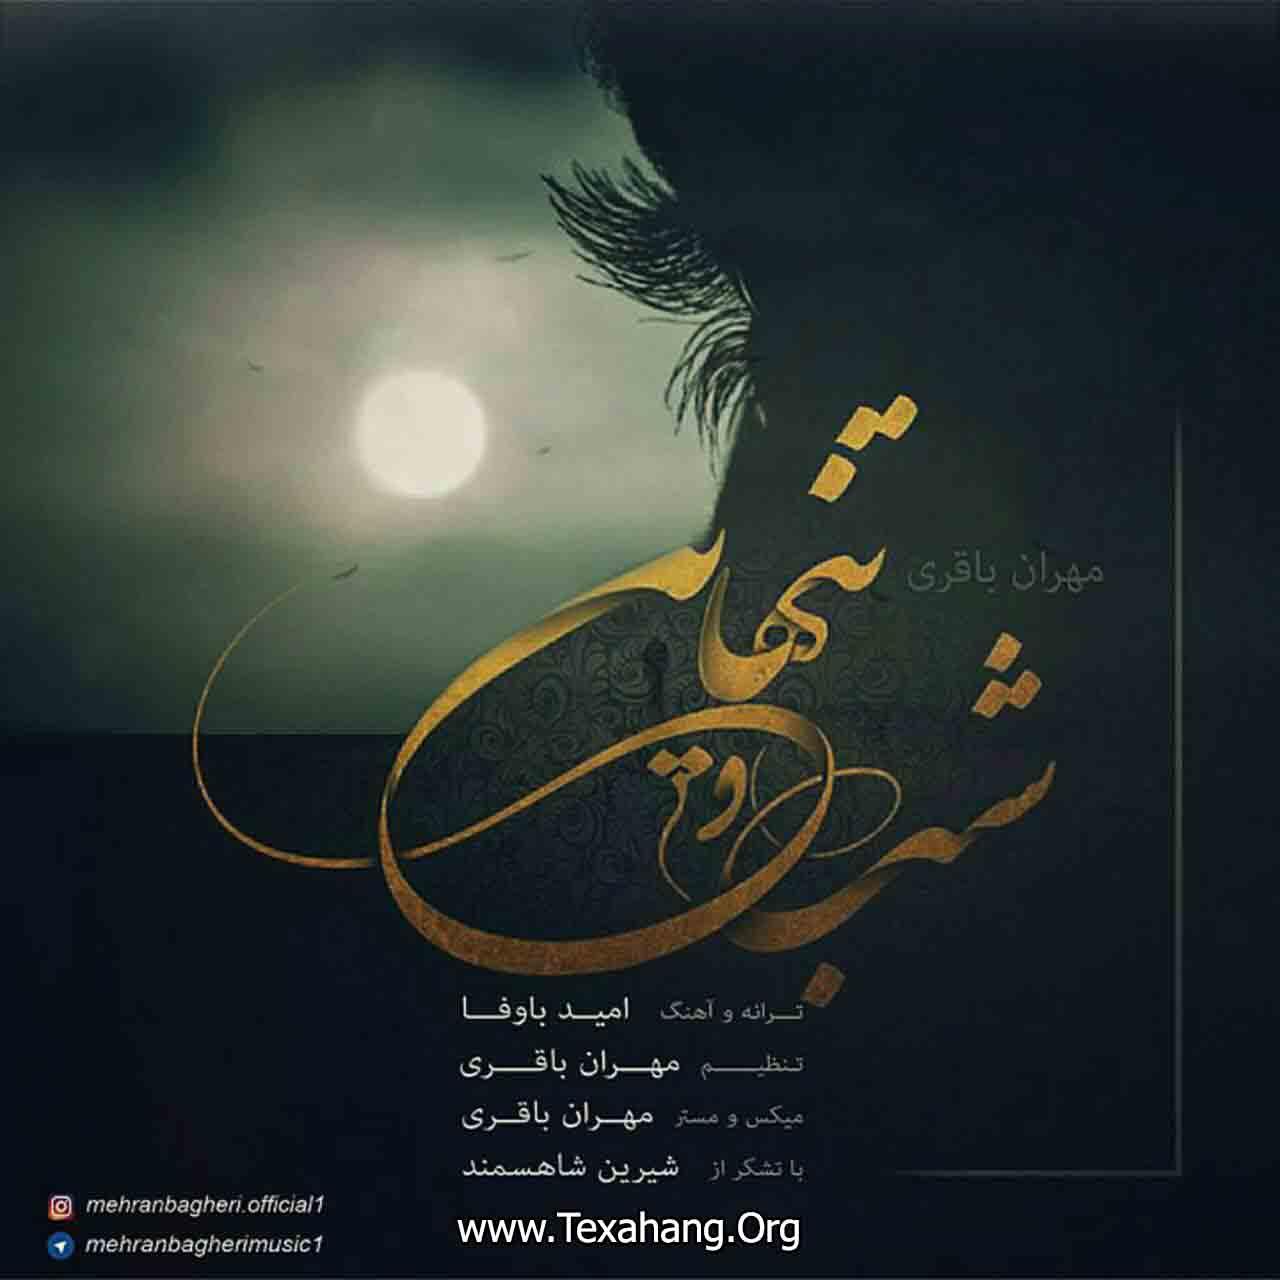 متن آهنگ شب و تنهایی مهران باقری